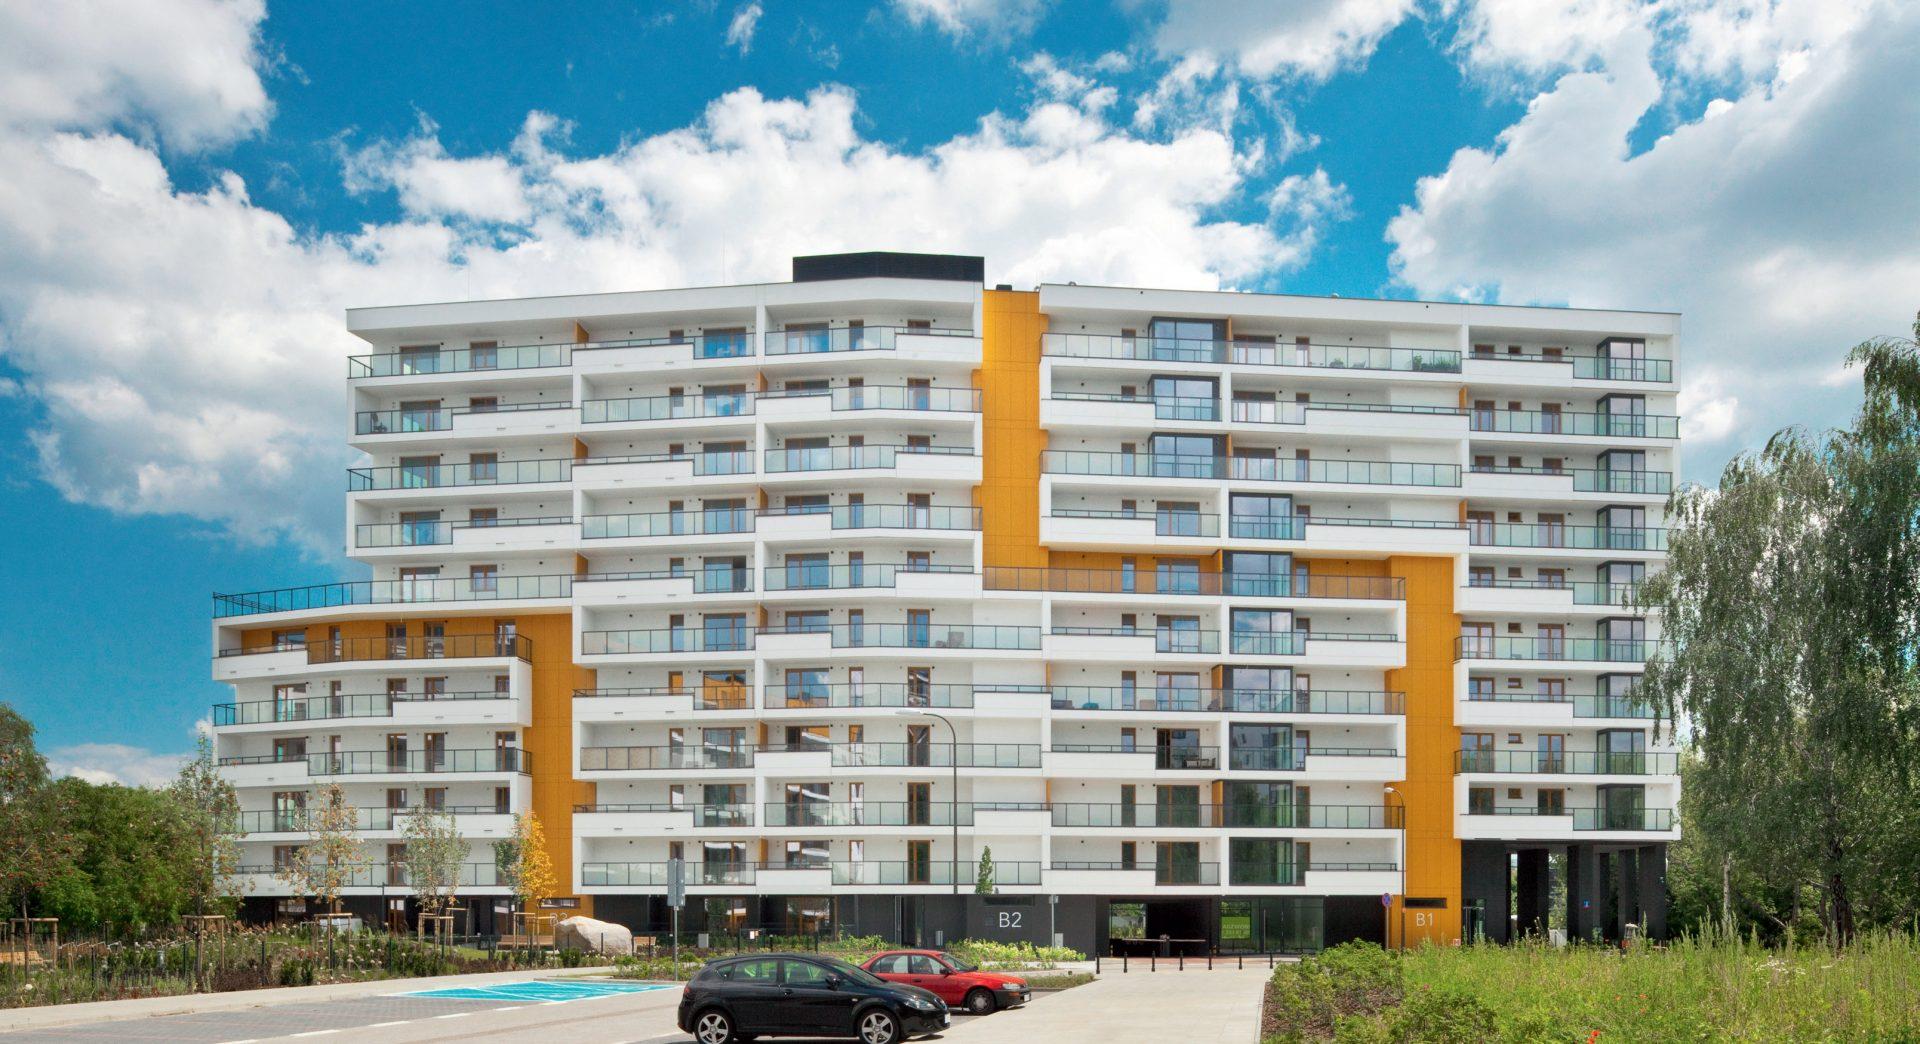 Apartamenty Mokotów nad Skarpą, Warszawa, Polska. Inwestor: Dom Development S.A.